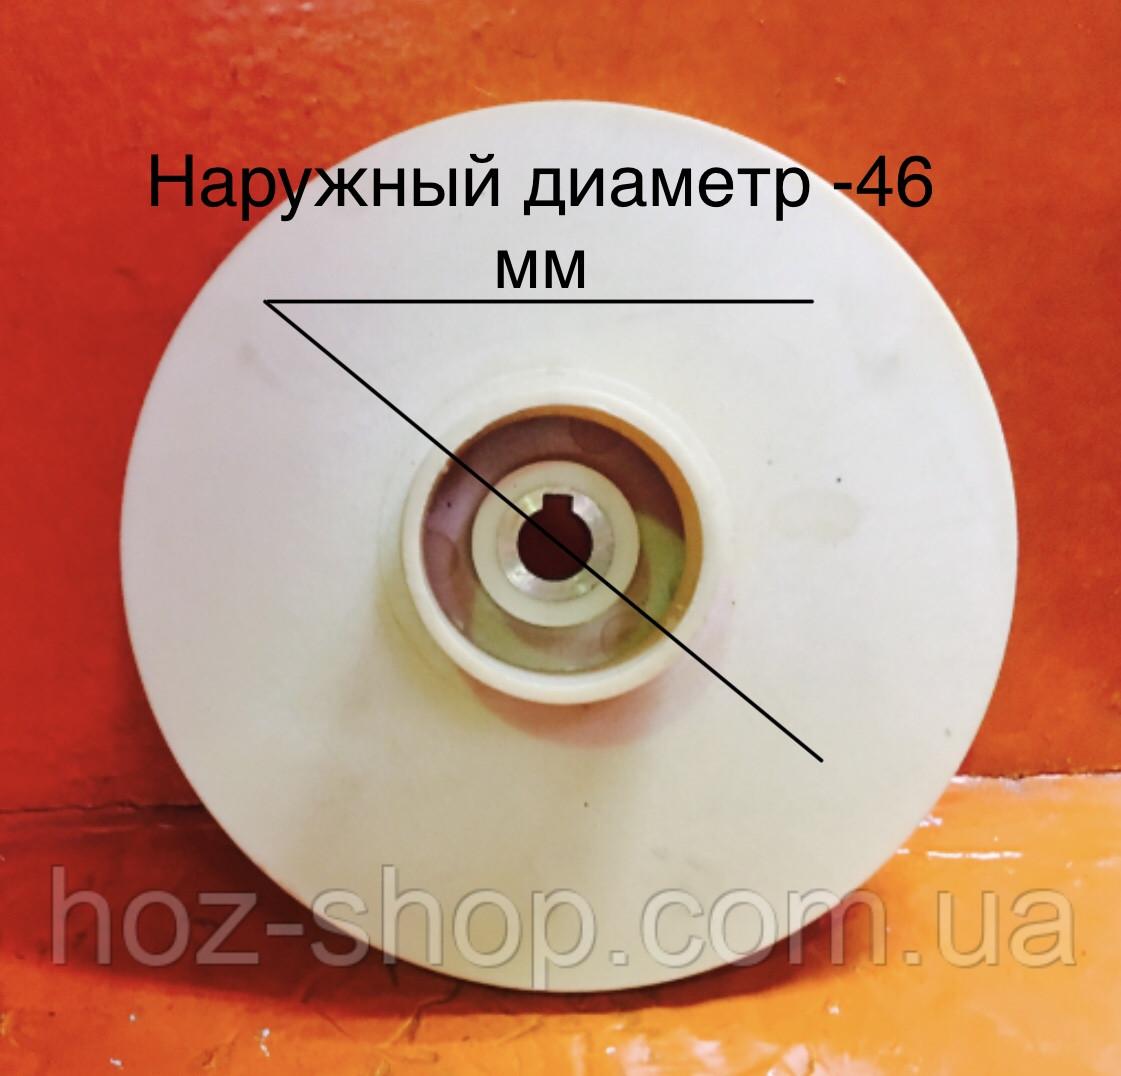 Крильчатка (Робоче колесо) для Насосних Станцій з Широким Парубком 46мм під вал 12 мм